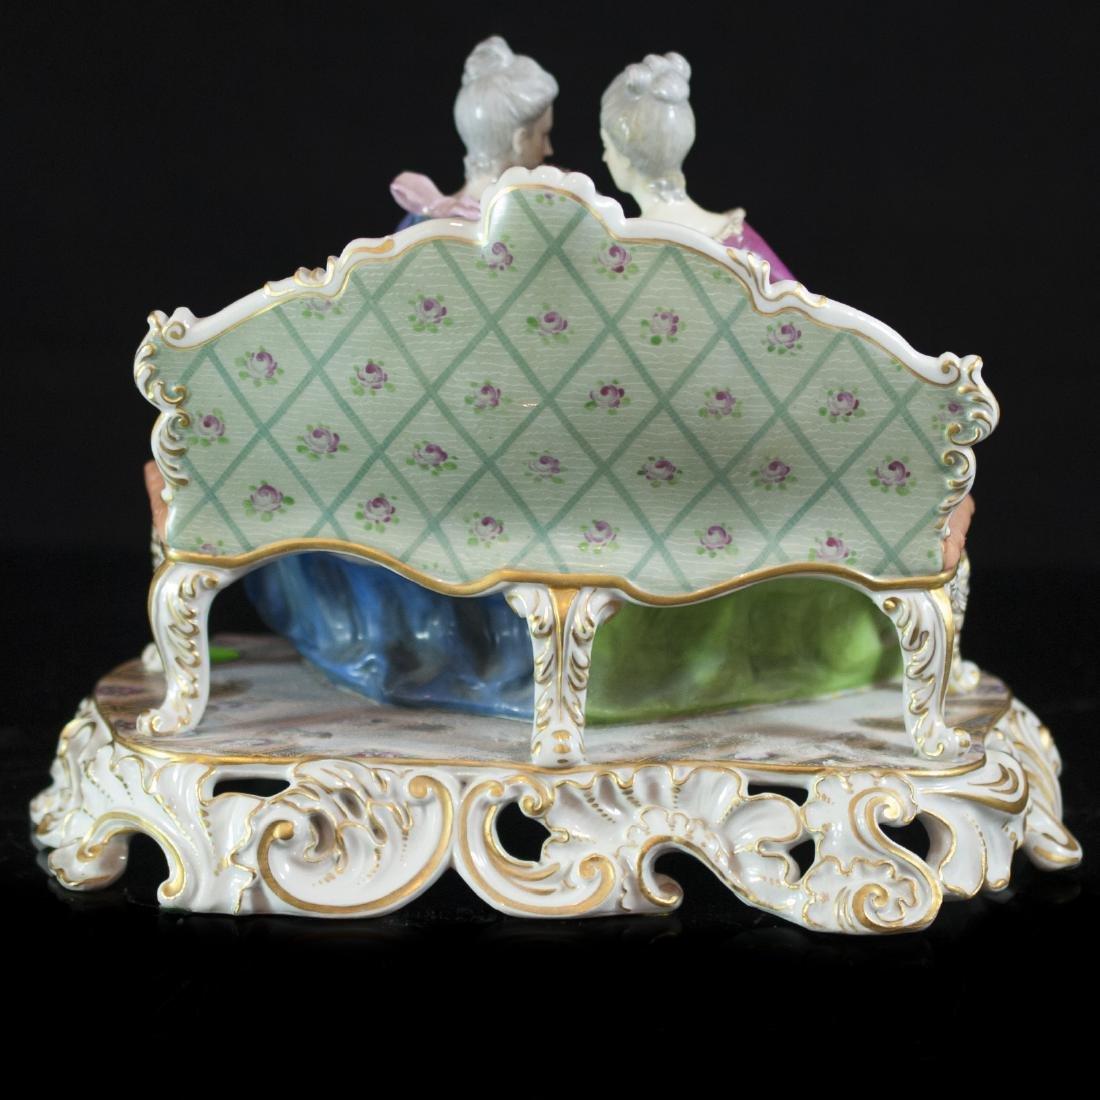 Antique Capodimonte Porcelain Figurine - 5